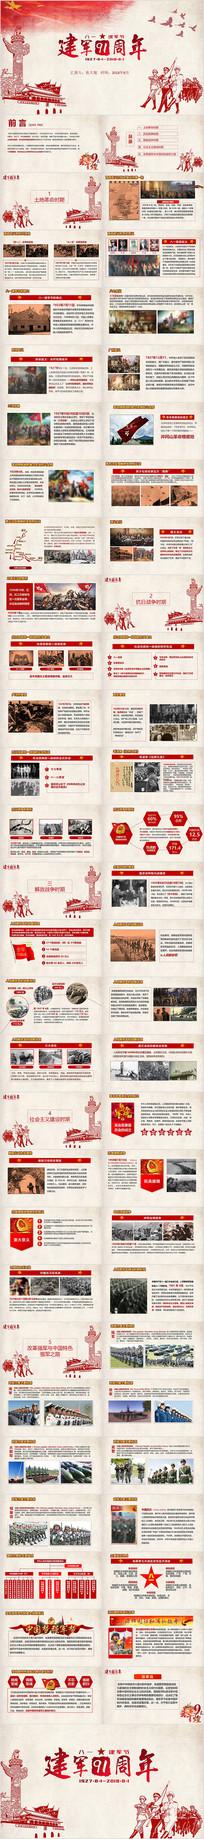 八一建军节91周年党建PPT